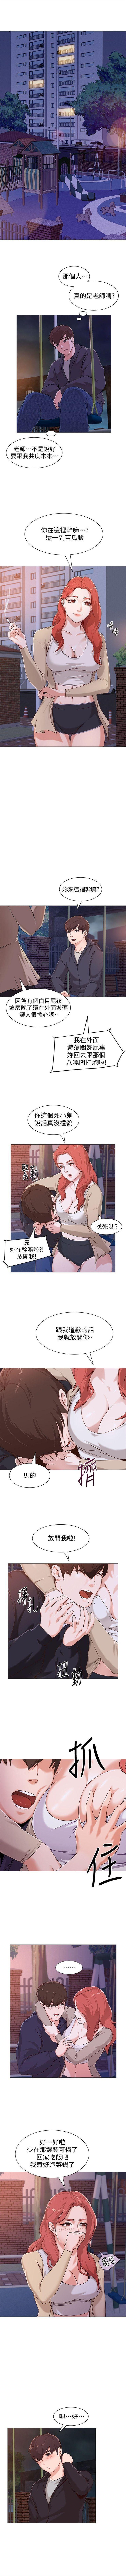 老師 1-80 官方中文(連載中) 12